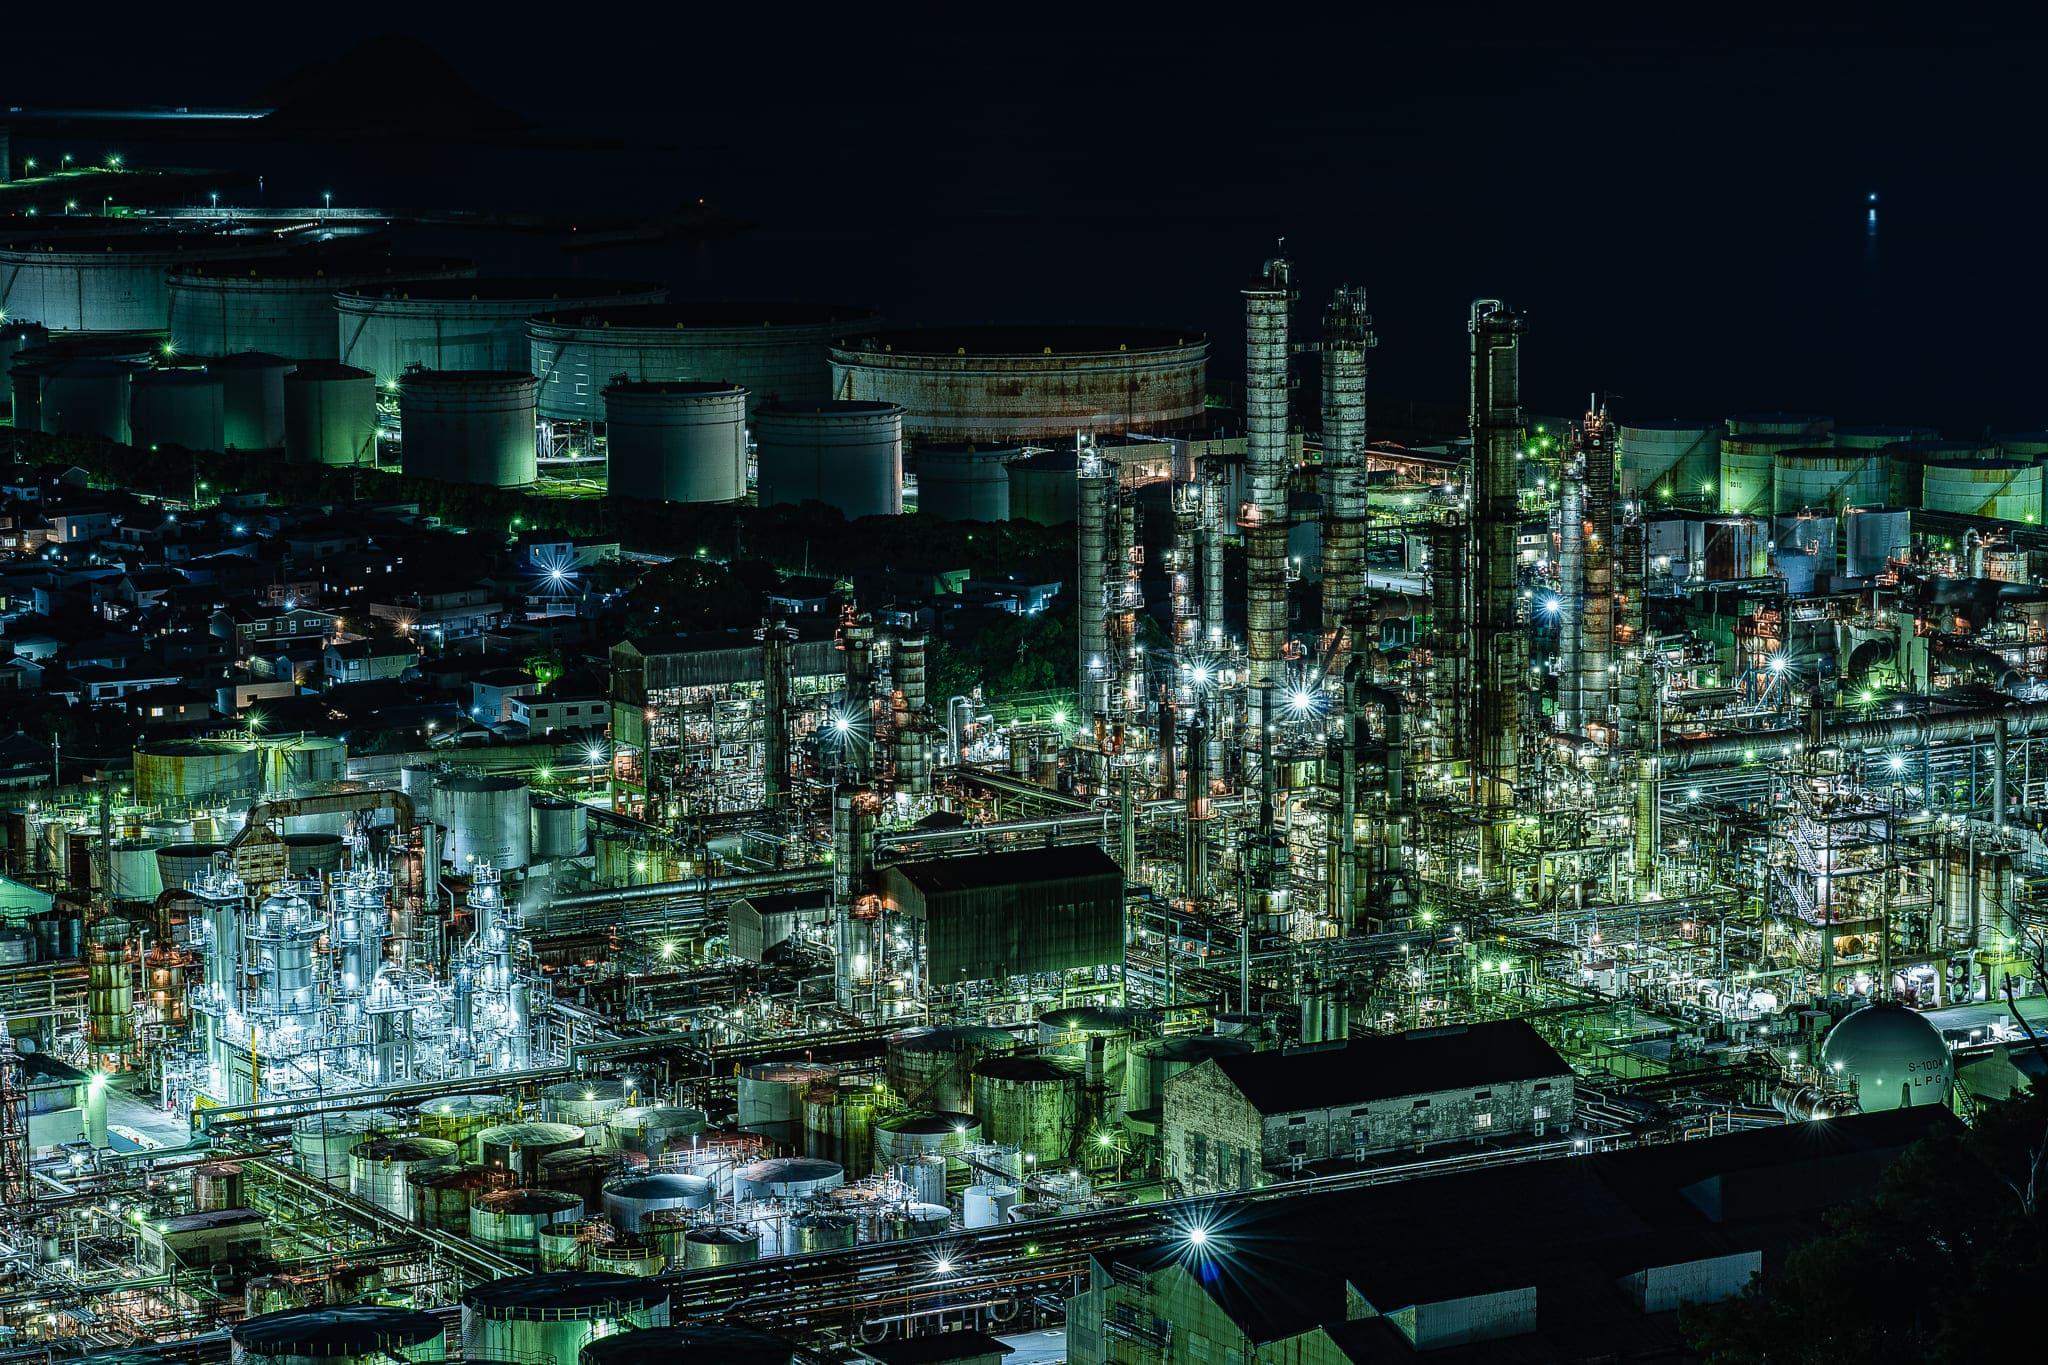 【lightroom】工場夜景レタッチ ホワイトバランス